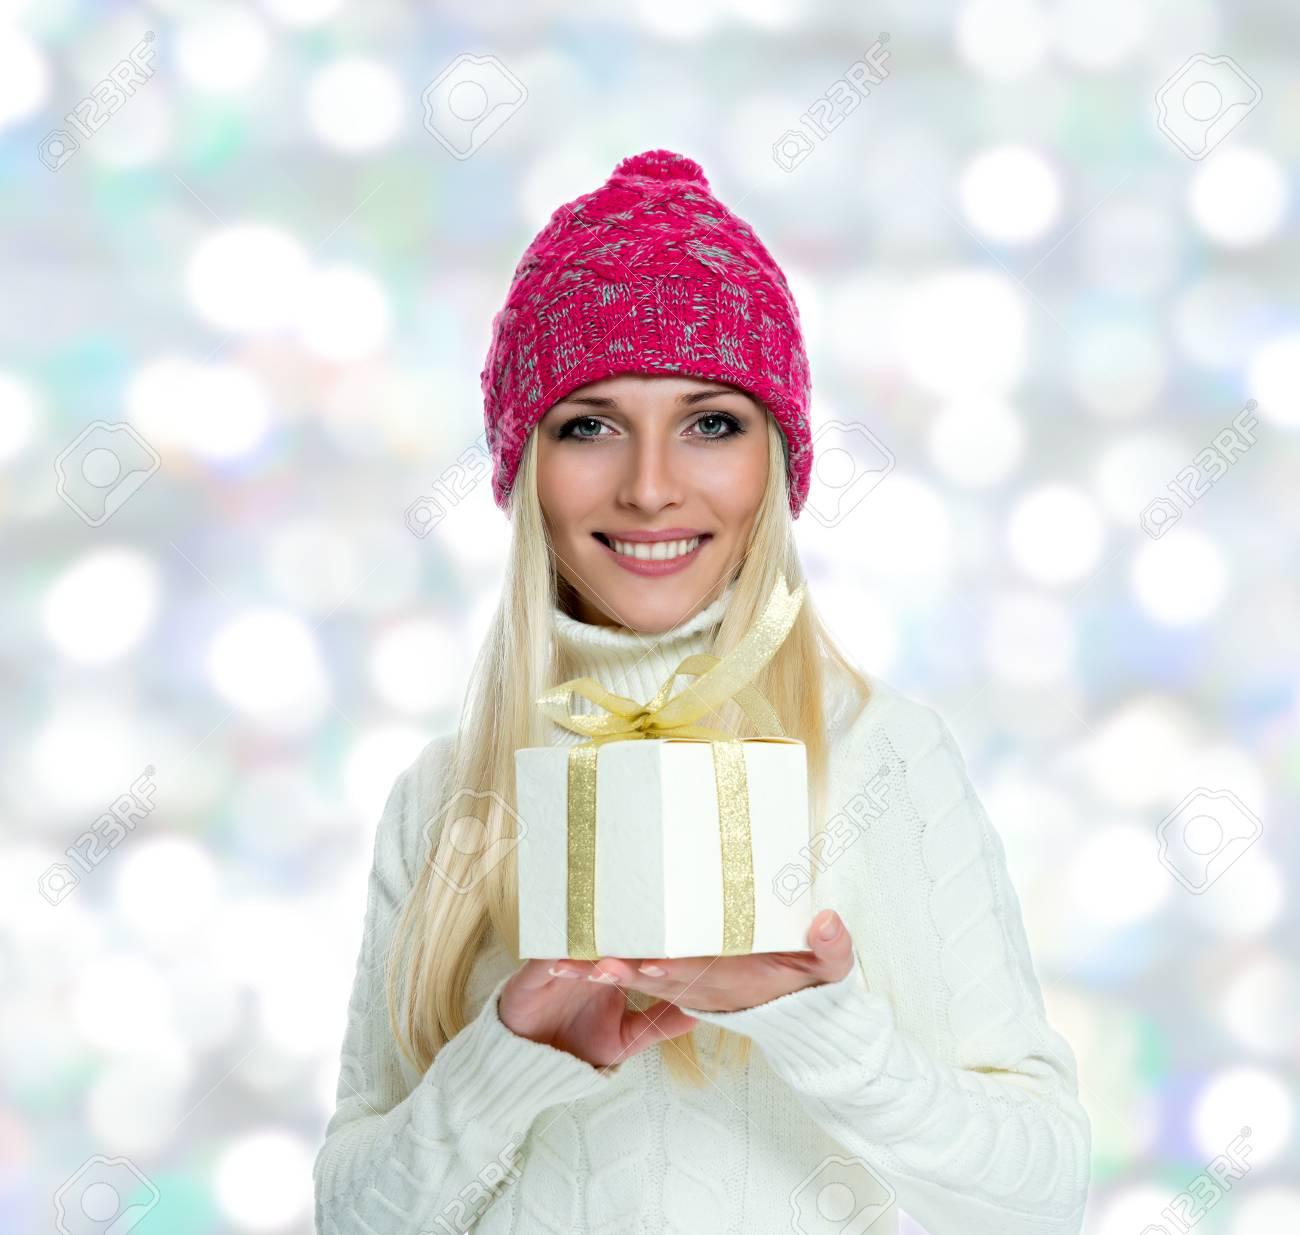 Schöne Glückliche Mädchen Mit Weihnachtsgeschenk. Lizenzfreie Fotos ...